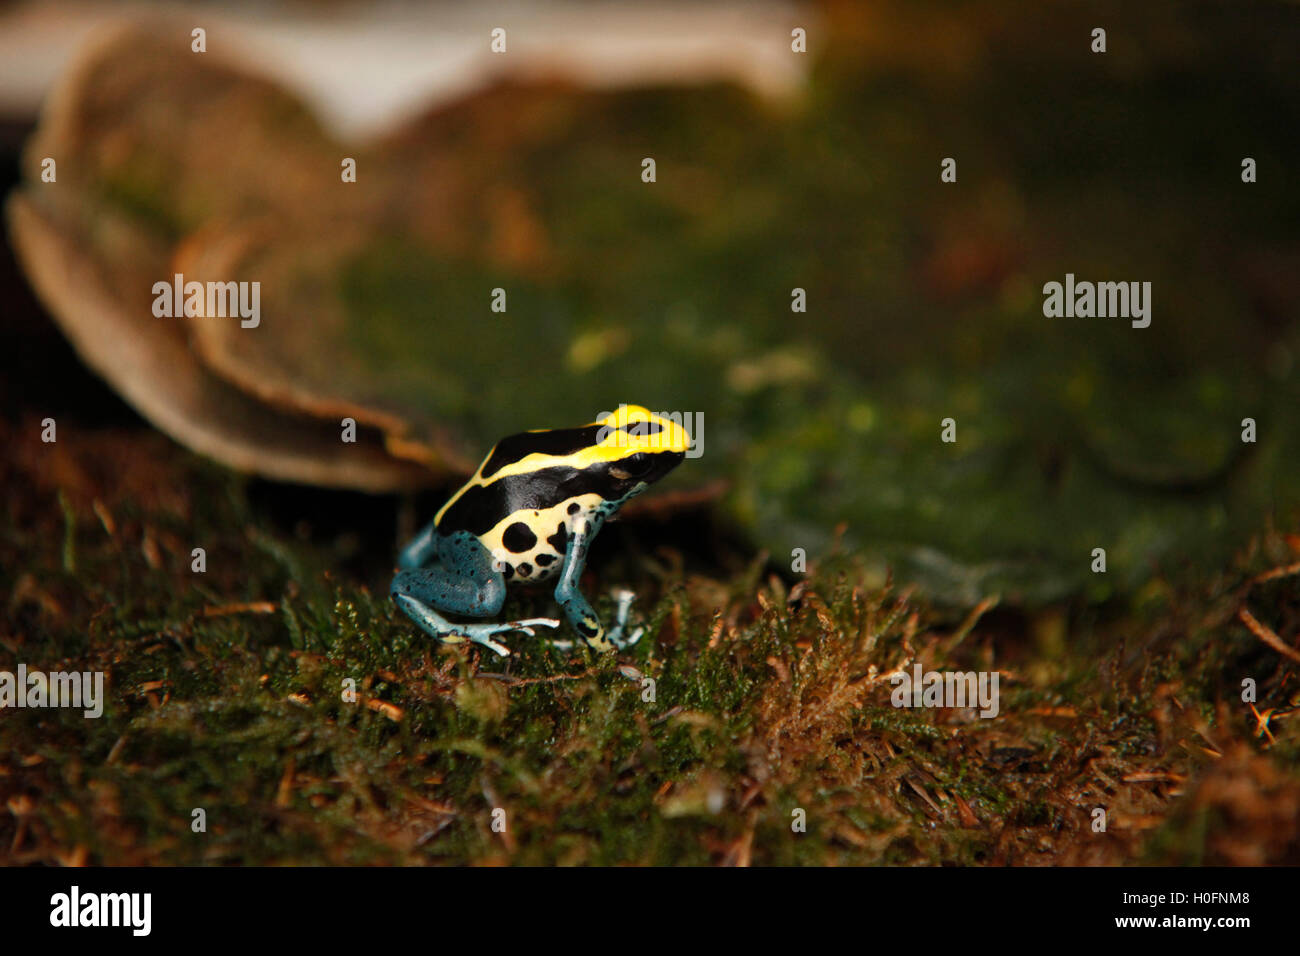 Petit exotique de couleur jaune bleu reptile grenouille fermer Photo Stock